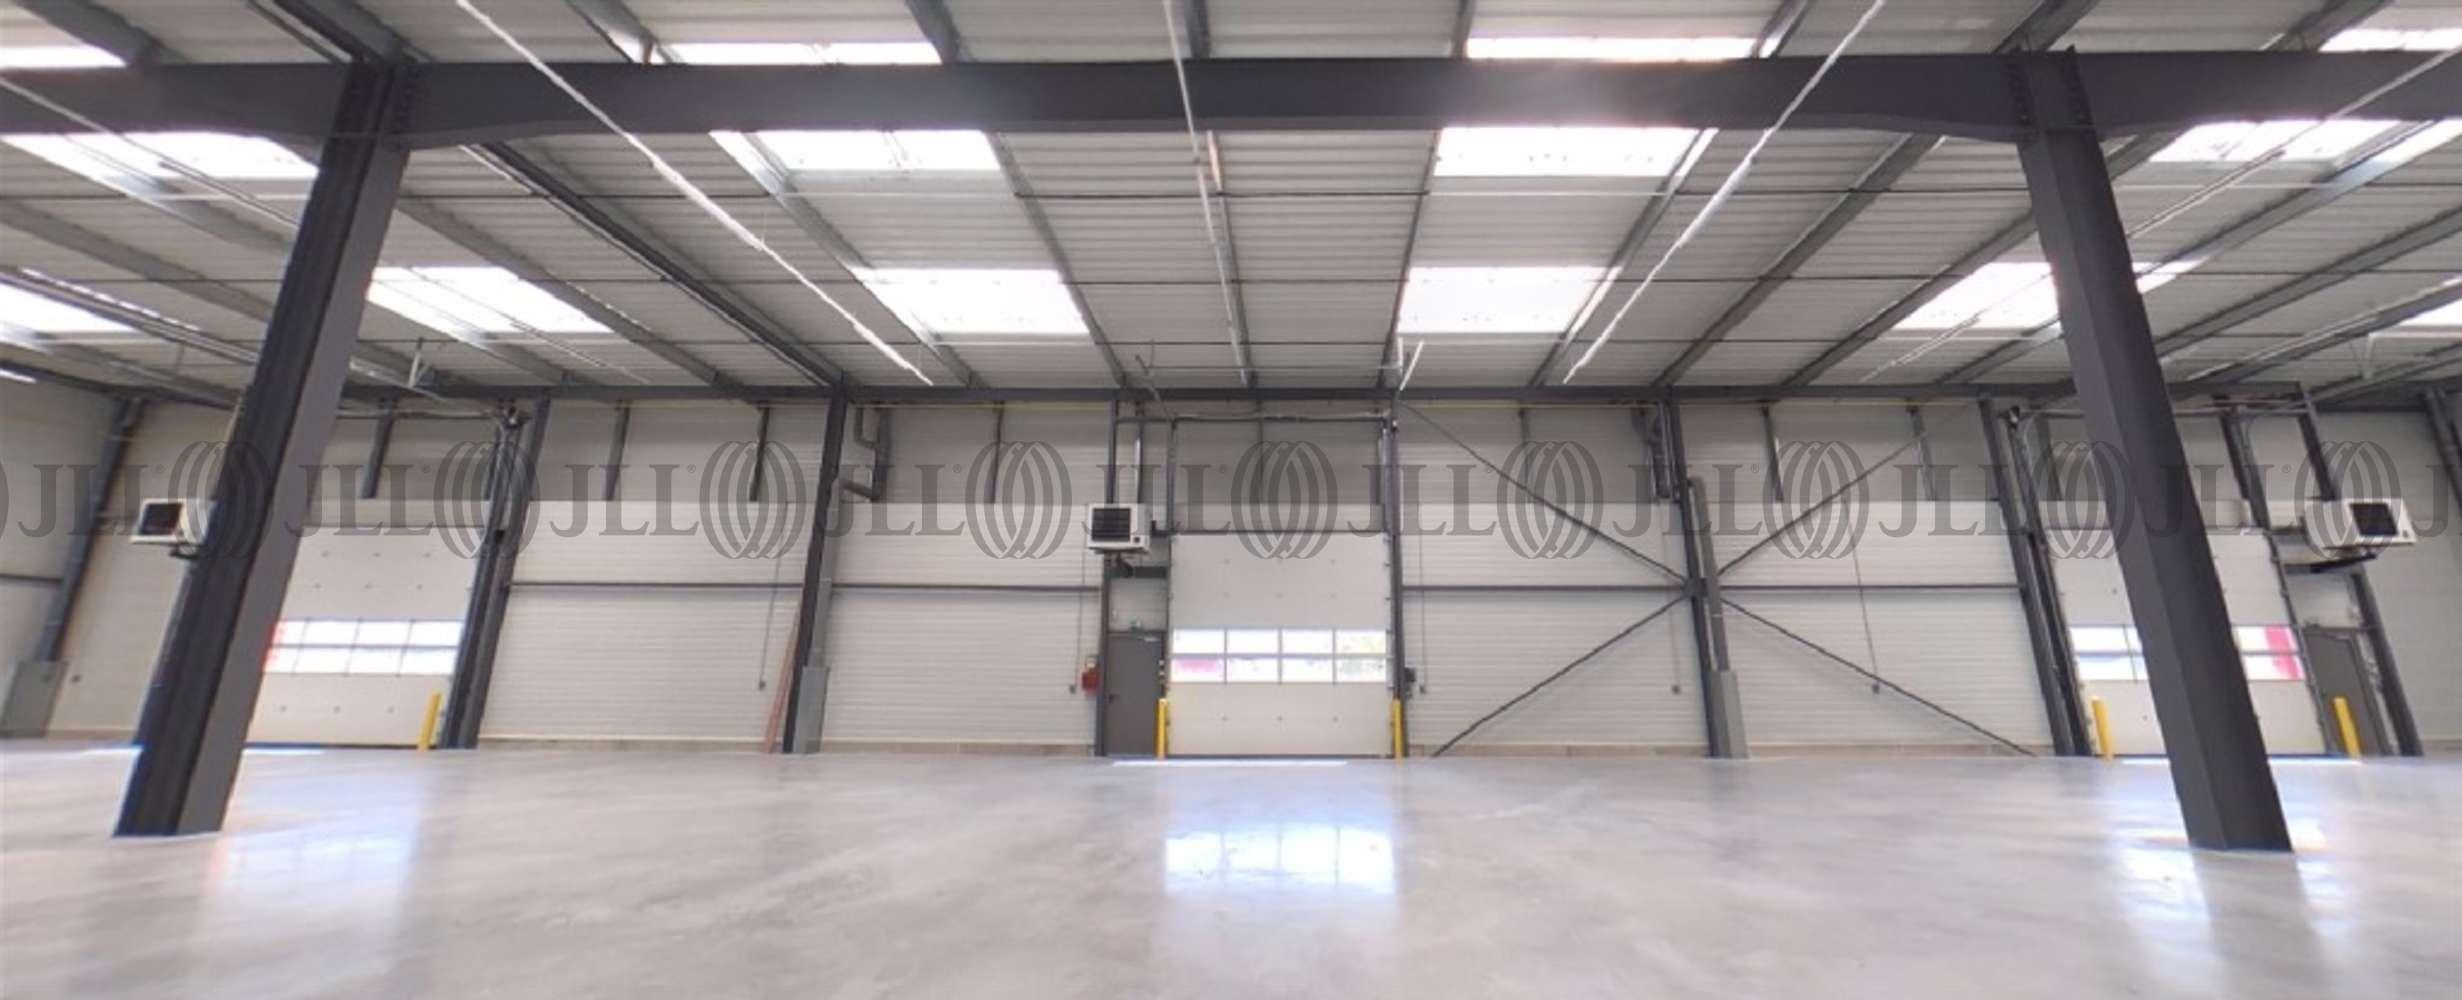 Activités/entrepôt Marignane, 13700 - TECHNOPARC DES FLORIDES - BAT 5